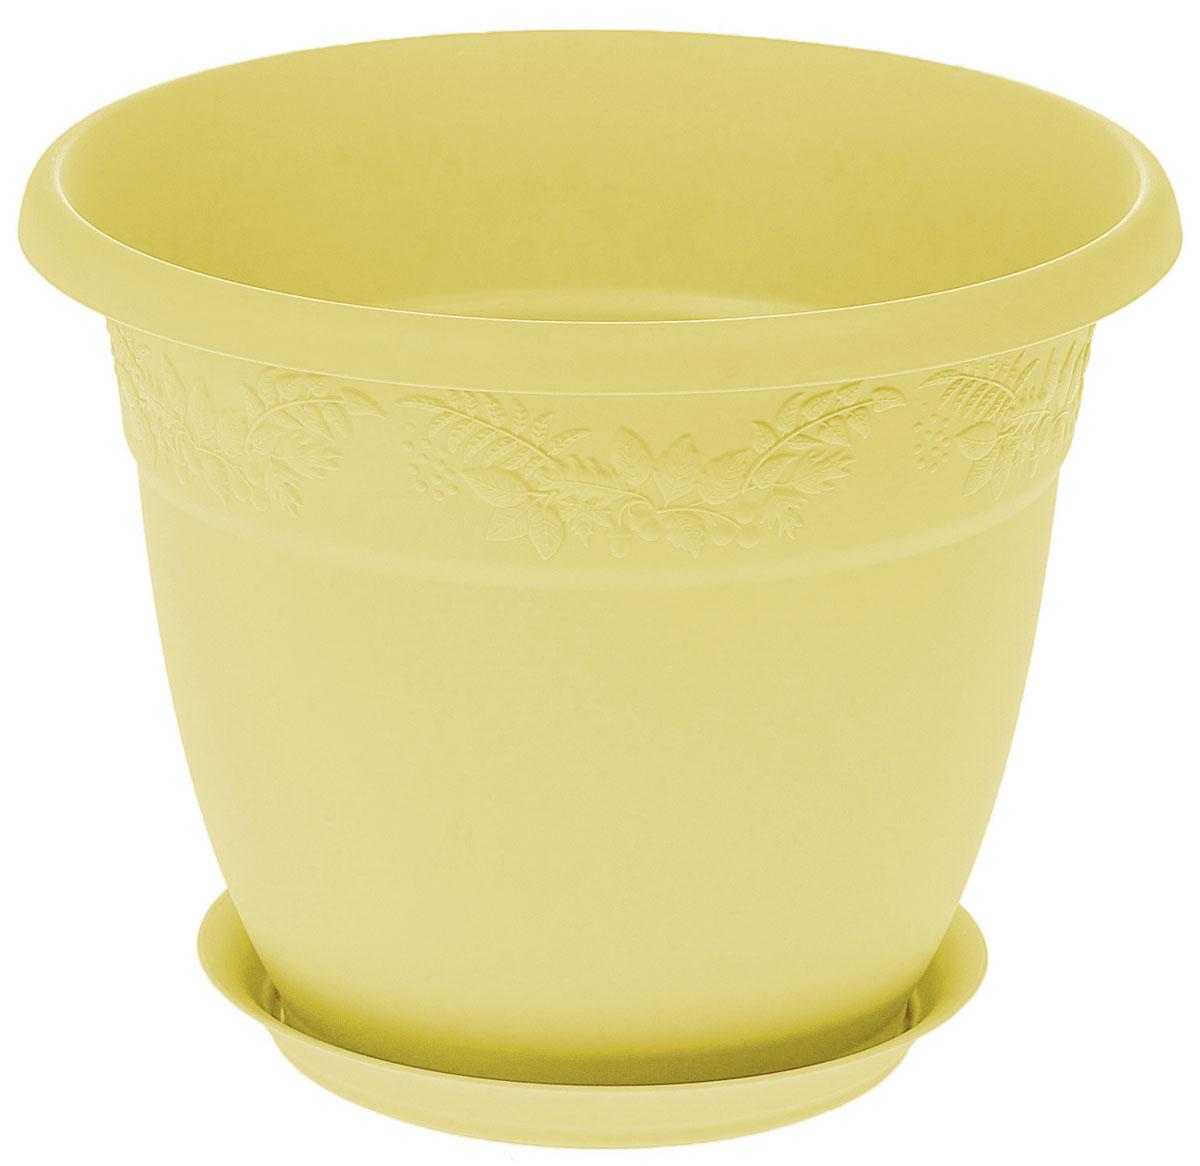 Кашпо Idea Рябина, с поддоном, цвет: банановый, 3,6 лМ 3055Кашпо Idea Рябина изготовлено из высококачественного полипропилена (пластика). Специальный поддон предназначен для стока воды. Изделие прекрасно подходит для выращивания растений и цветов в домашних условиях. Лаконичный дизайн впишется в интерьер любого помещения. Диаметр поддона: 15 см. Объем кашпо: 3,6 л.Диаметр кашпо по верхнему краю: 22 см.Высота кашпо: 17,5 см.